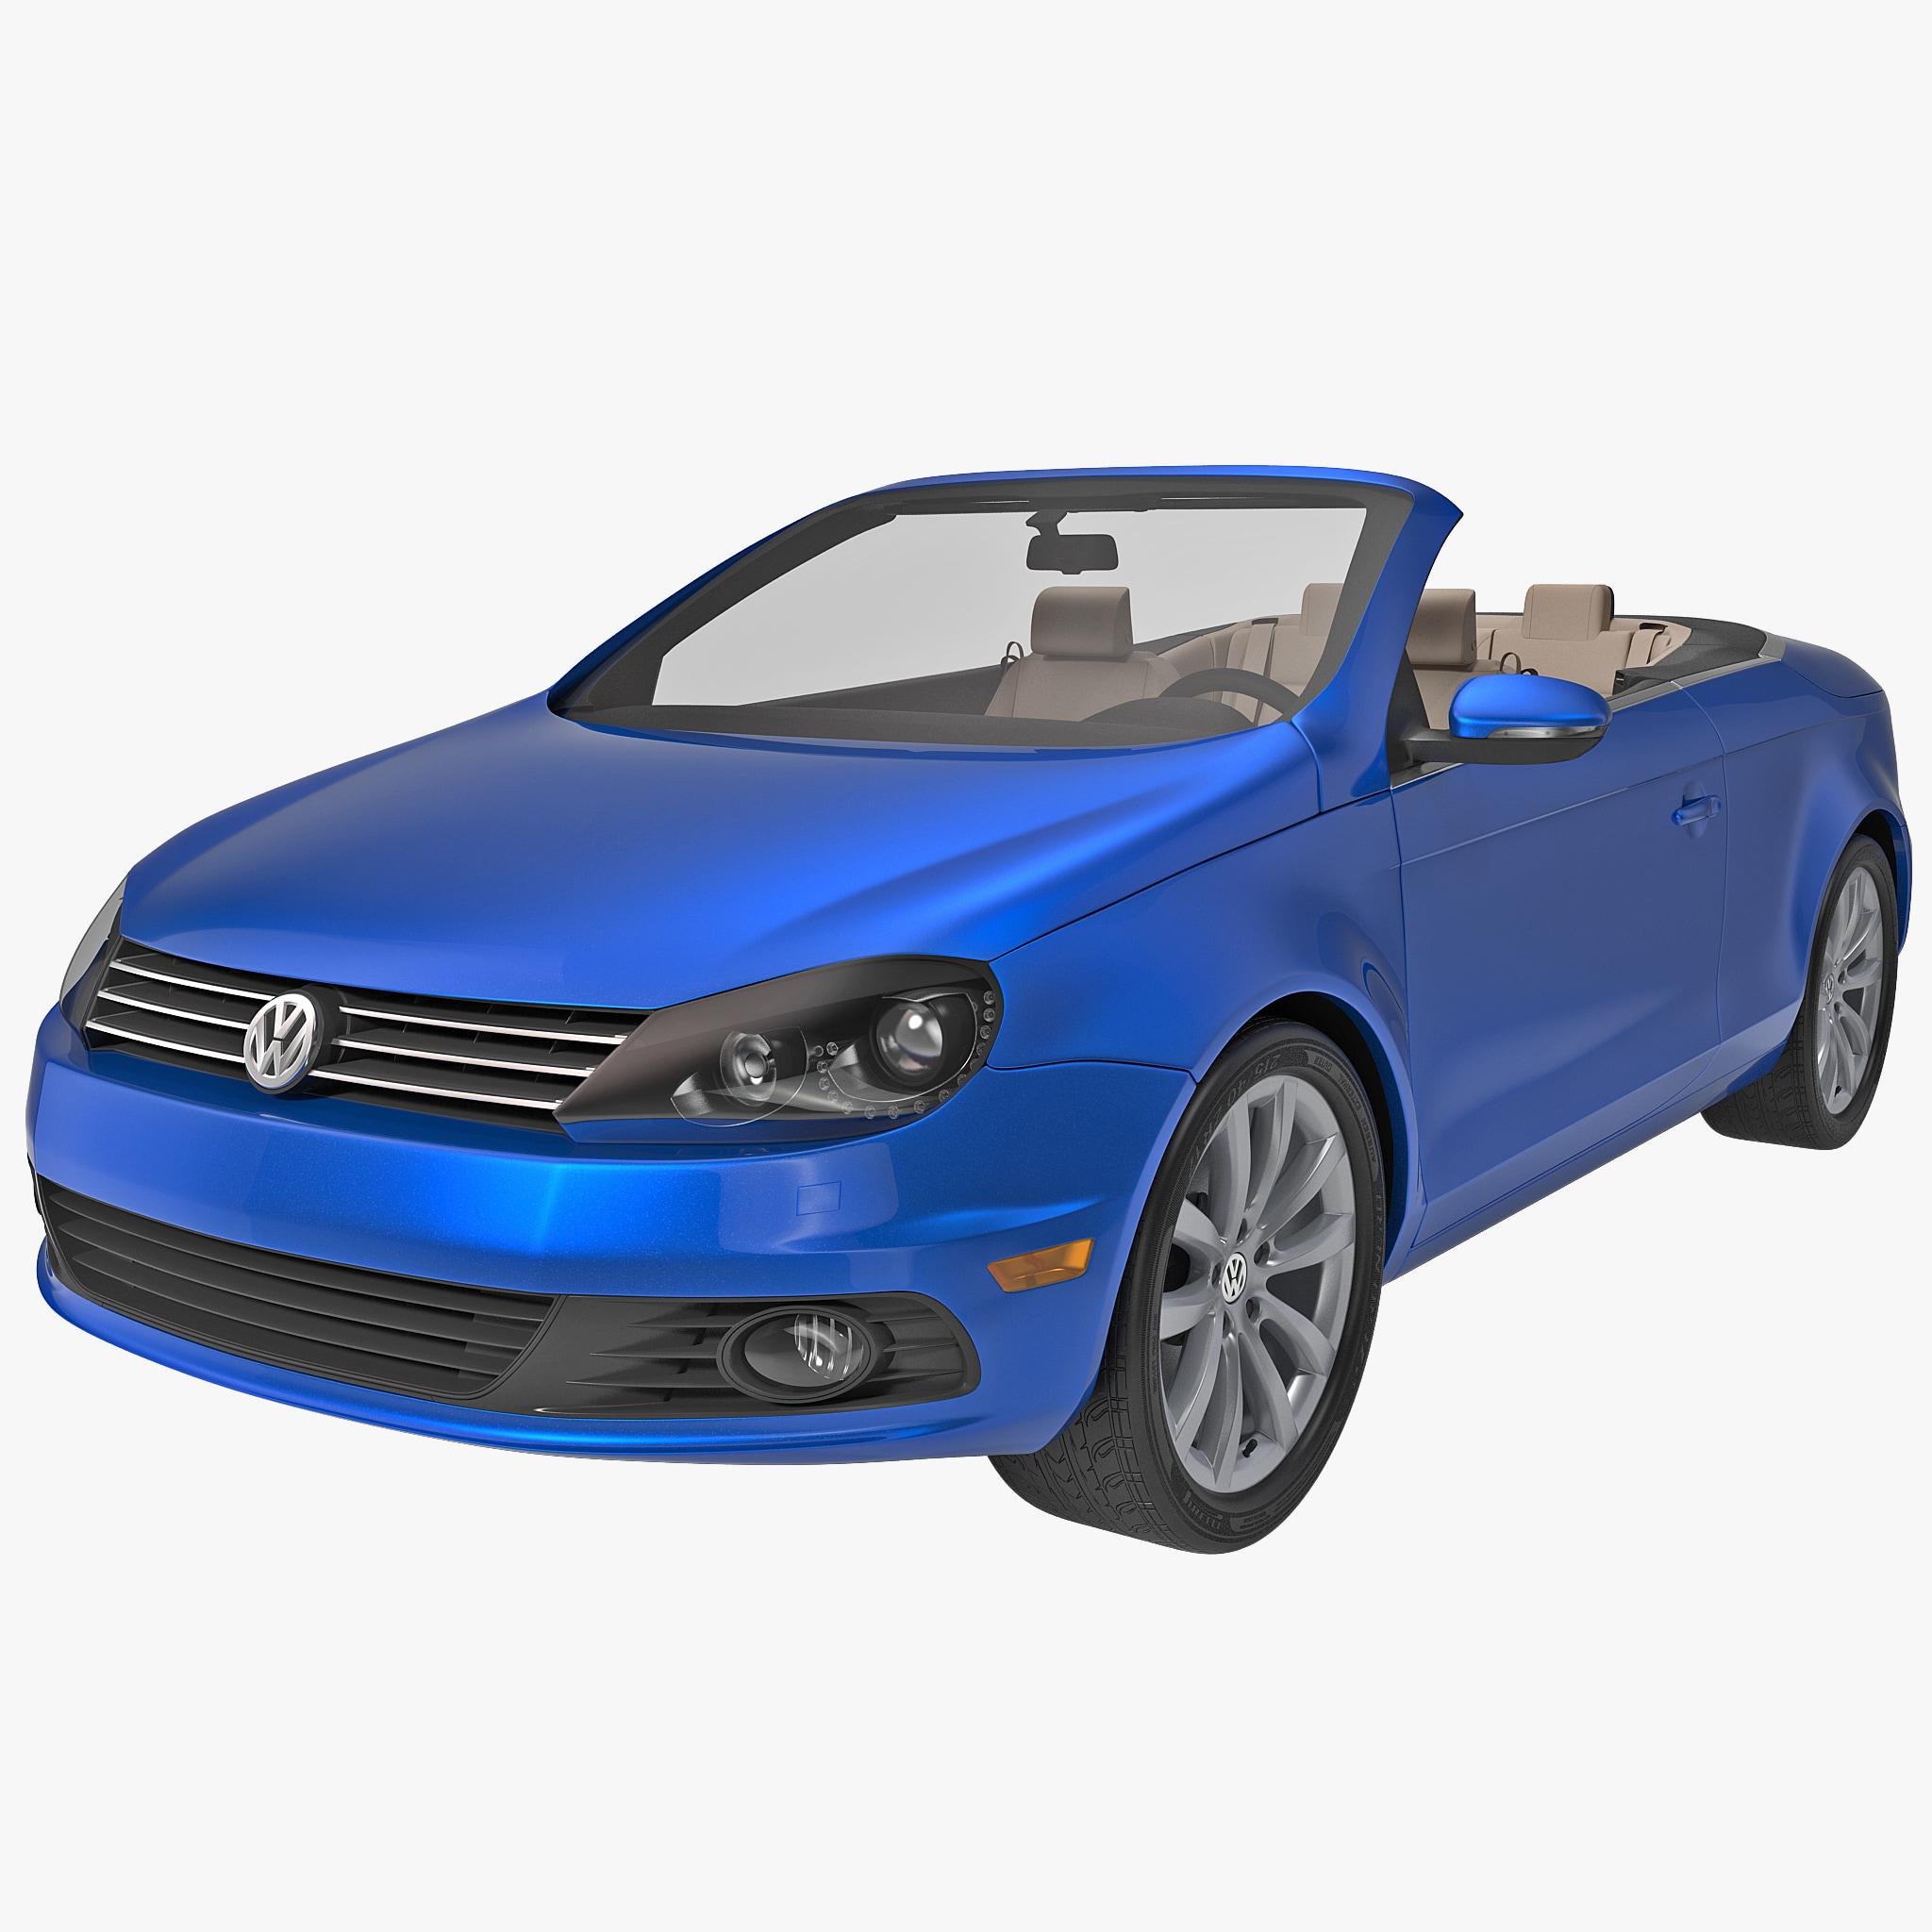 Eos Volkswagen Used: 3d Volkswagen Eos 2014 Convertible